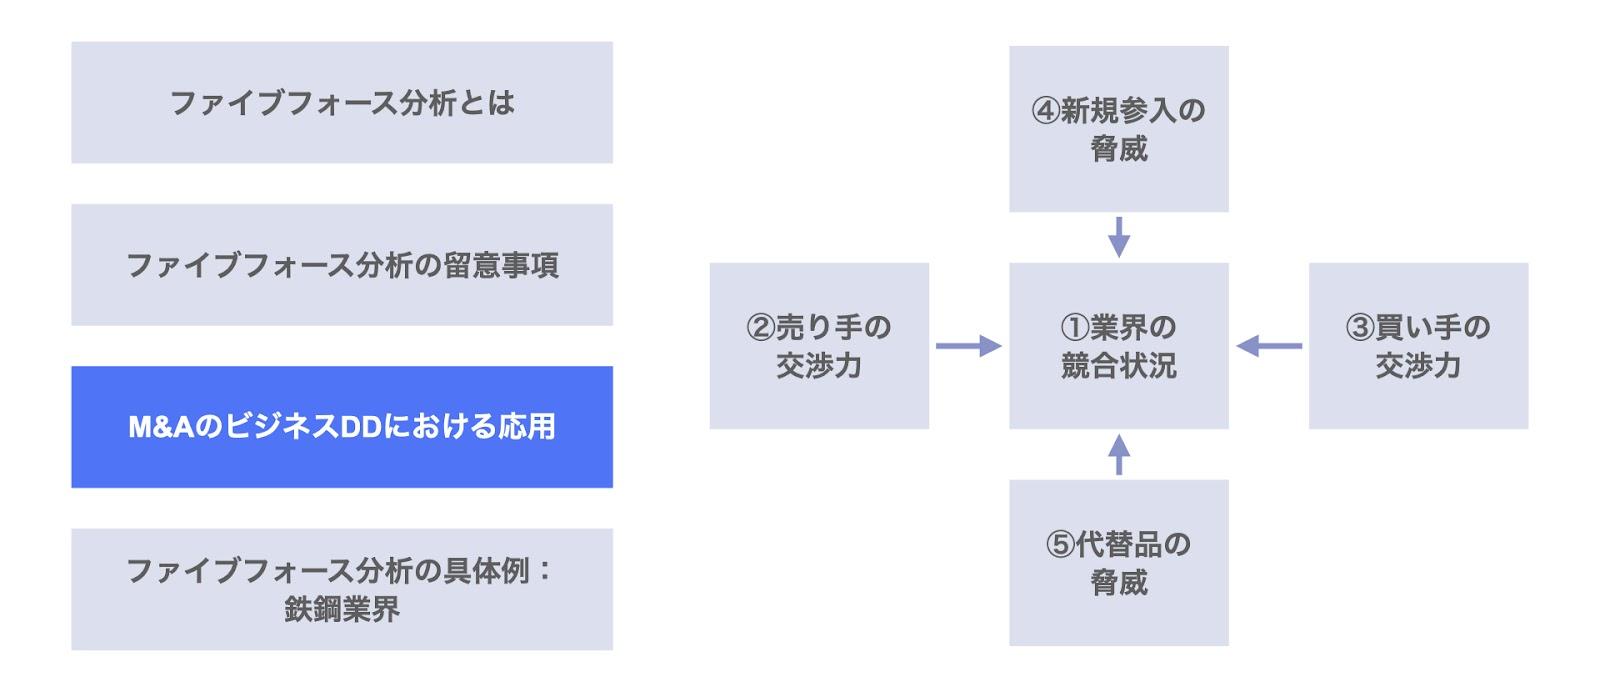 ファイブフォース分析のM&AのビジネスDDにおける応用